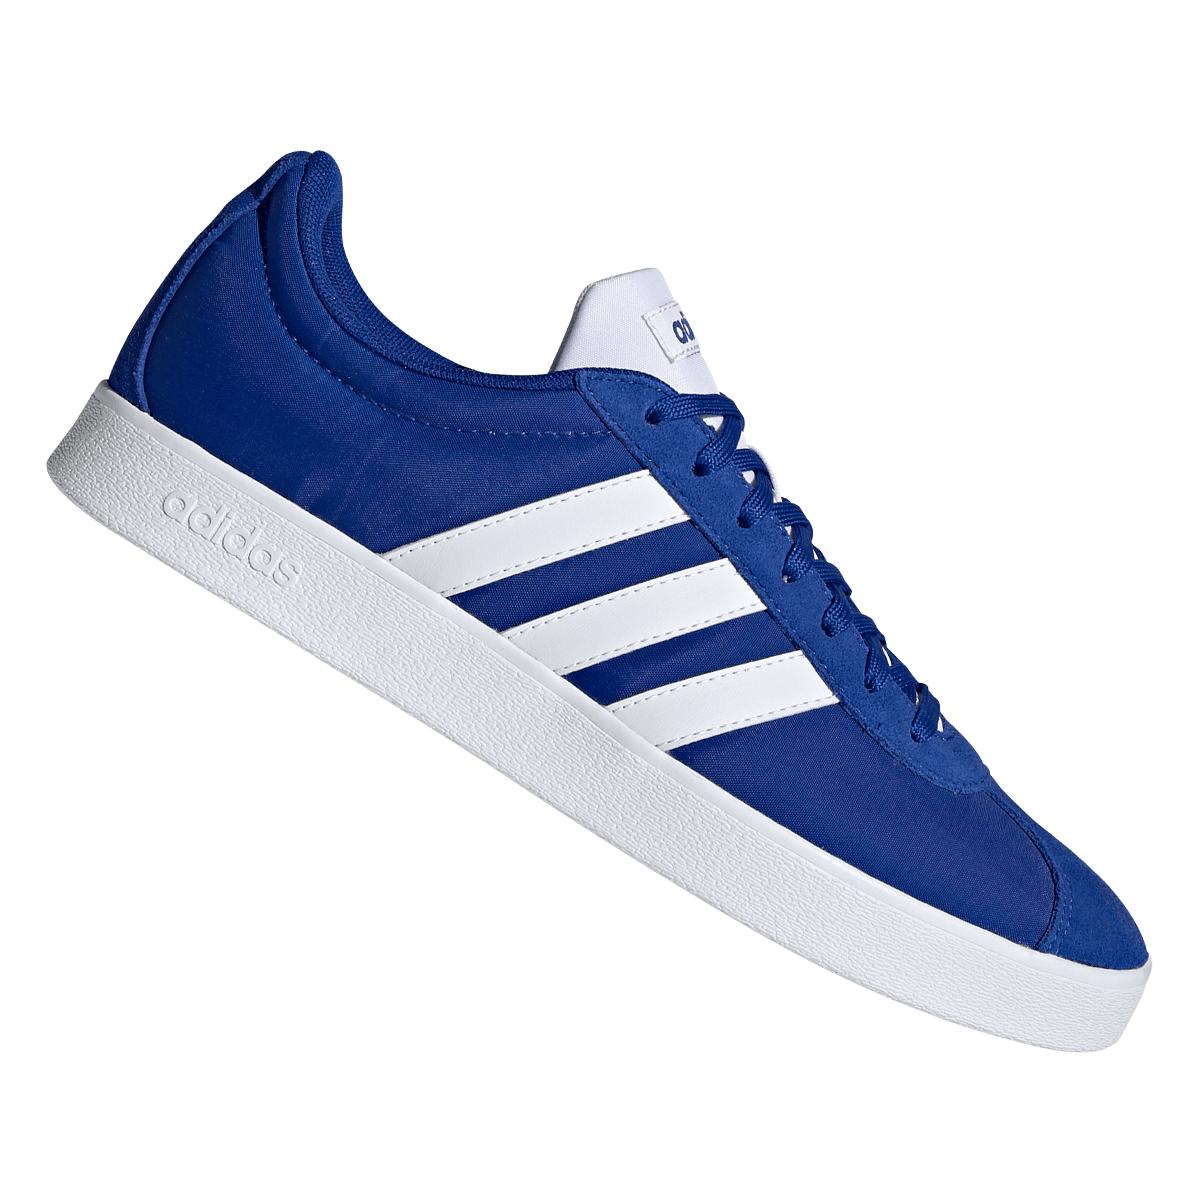 adidas Freizeitschuh VL Court 2.0 blau/weiß (Gr. 41-47)